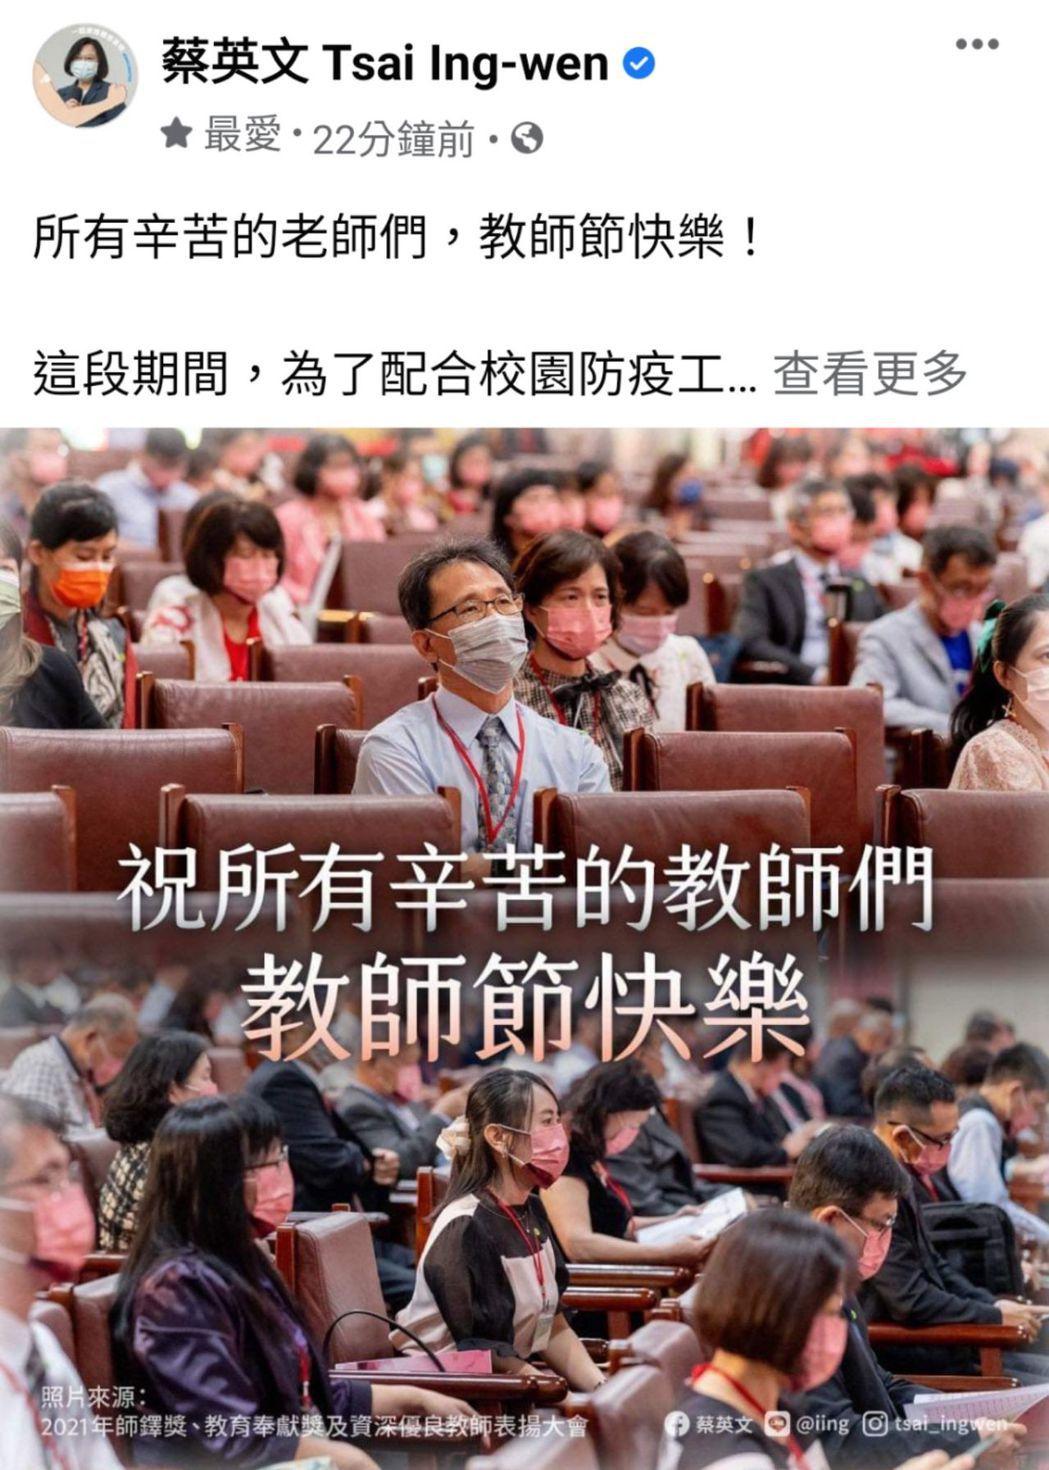 蔡英文總統在臉書上向老師們致意。圖/翻攝蔡英文總統臉書